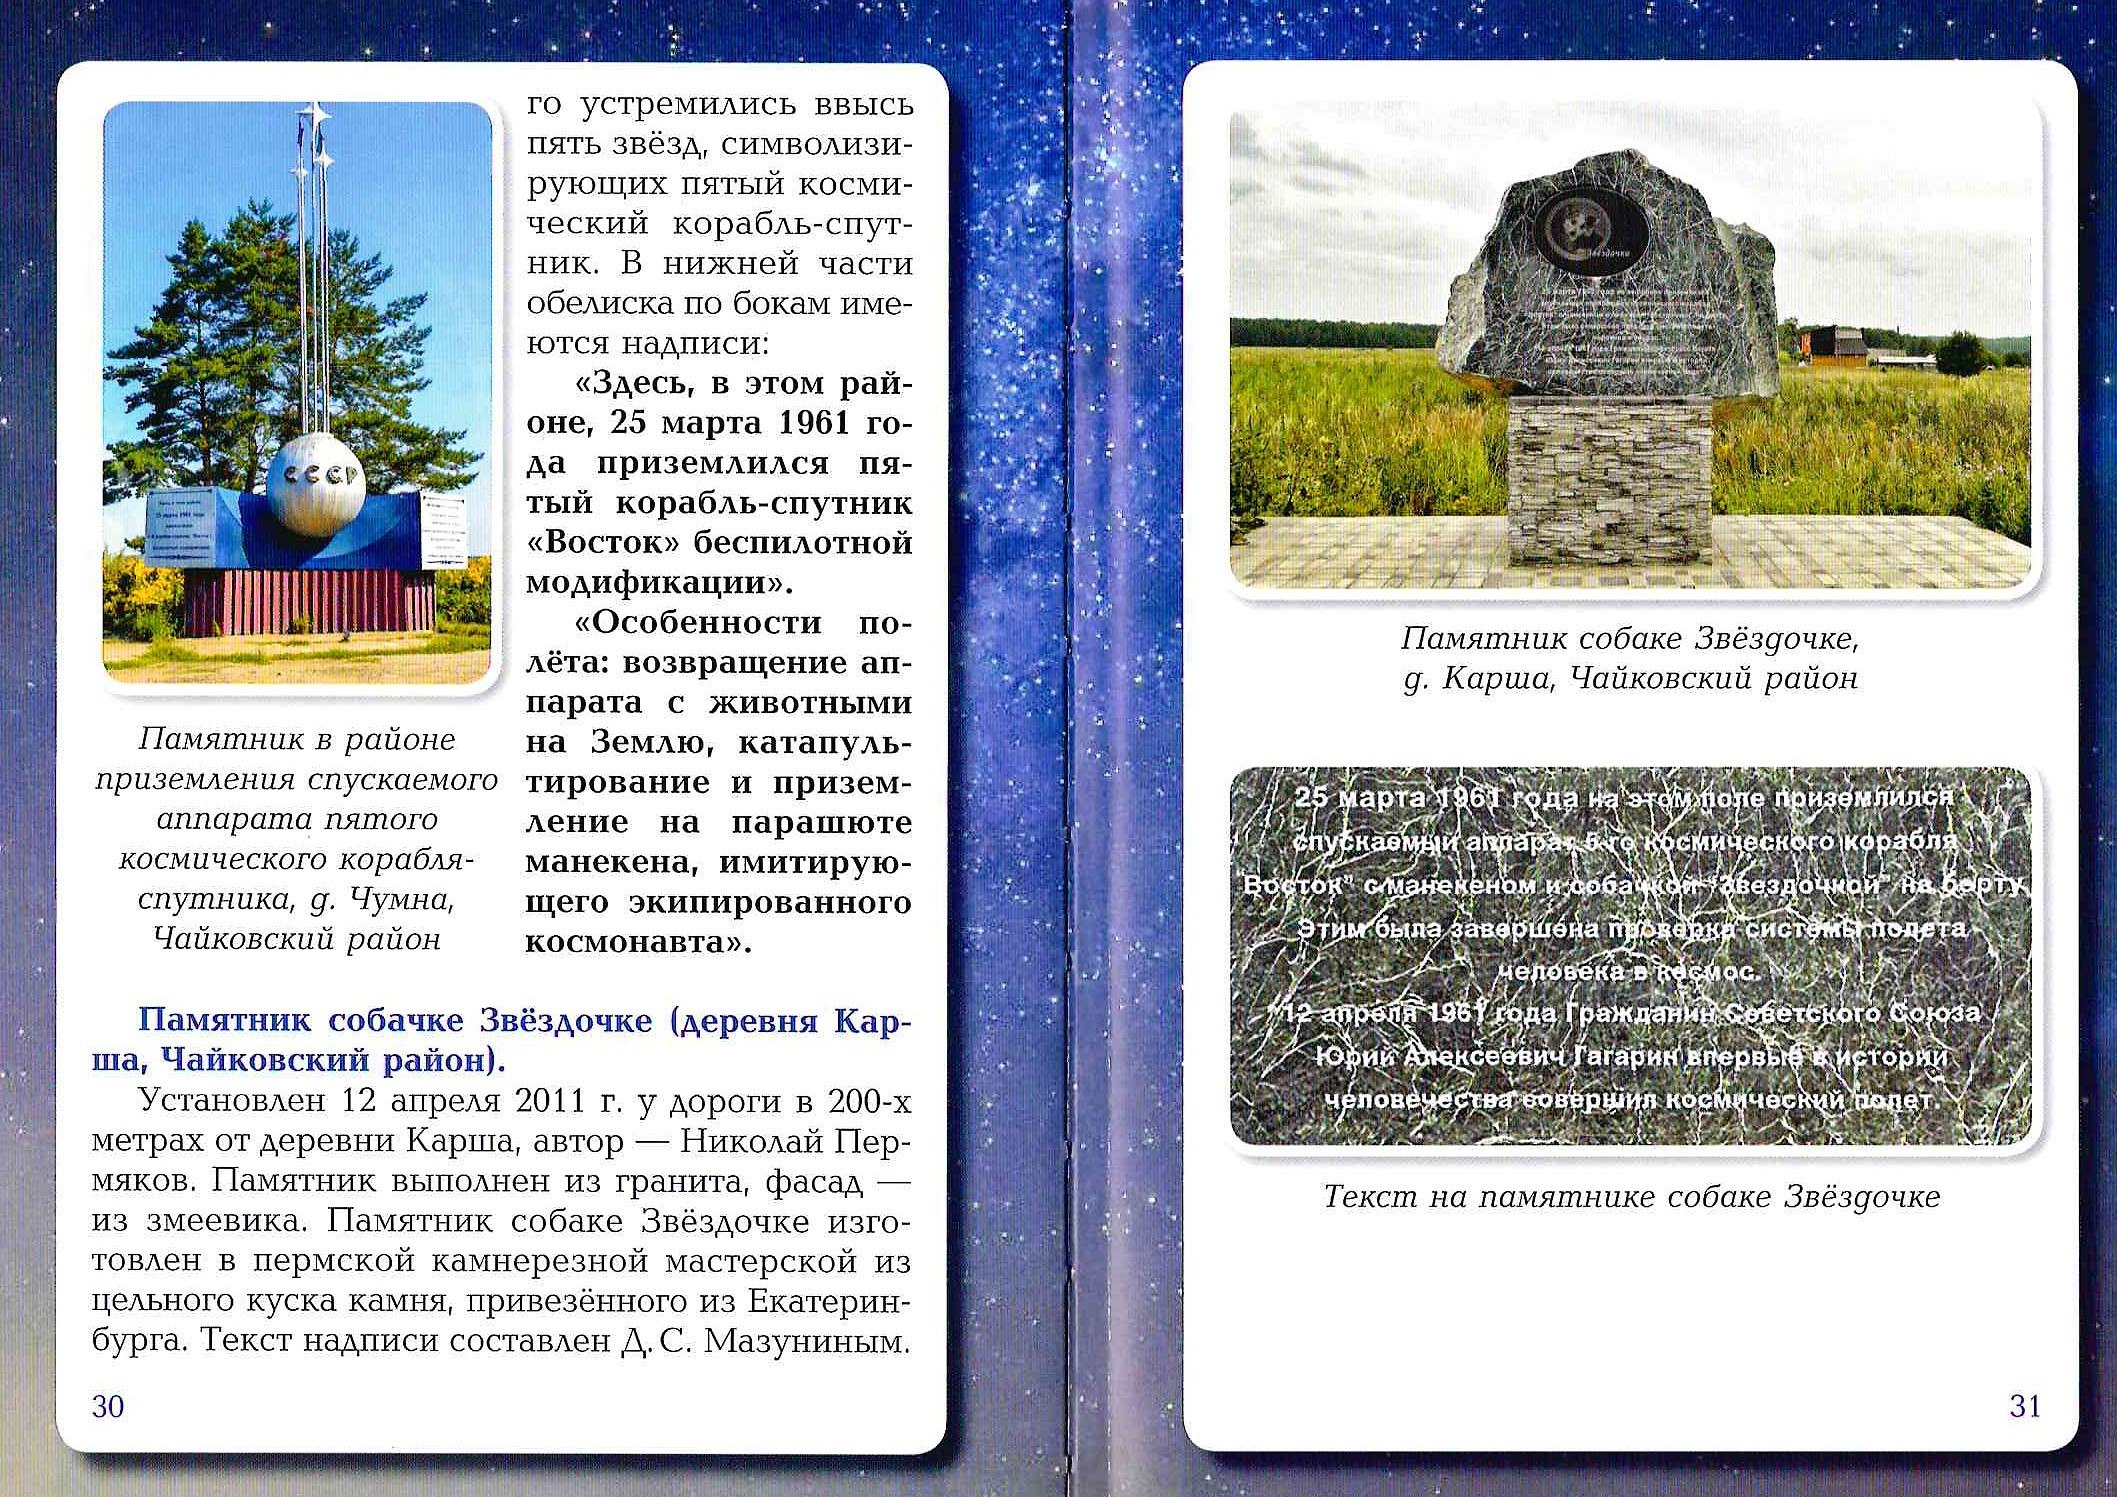 памятник звездочке в д. чумна, 2018 год